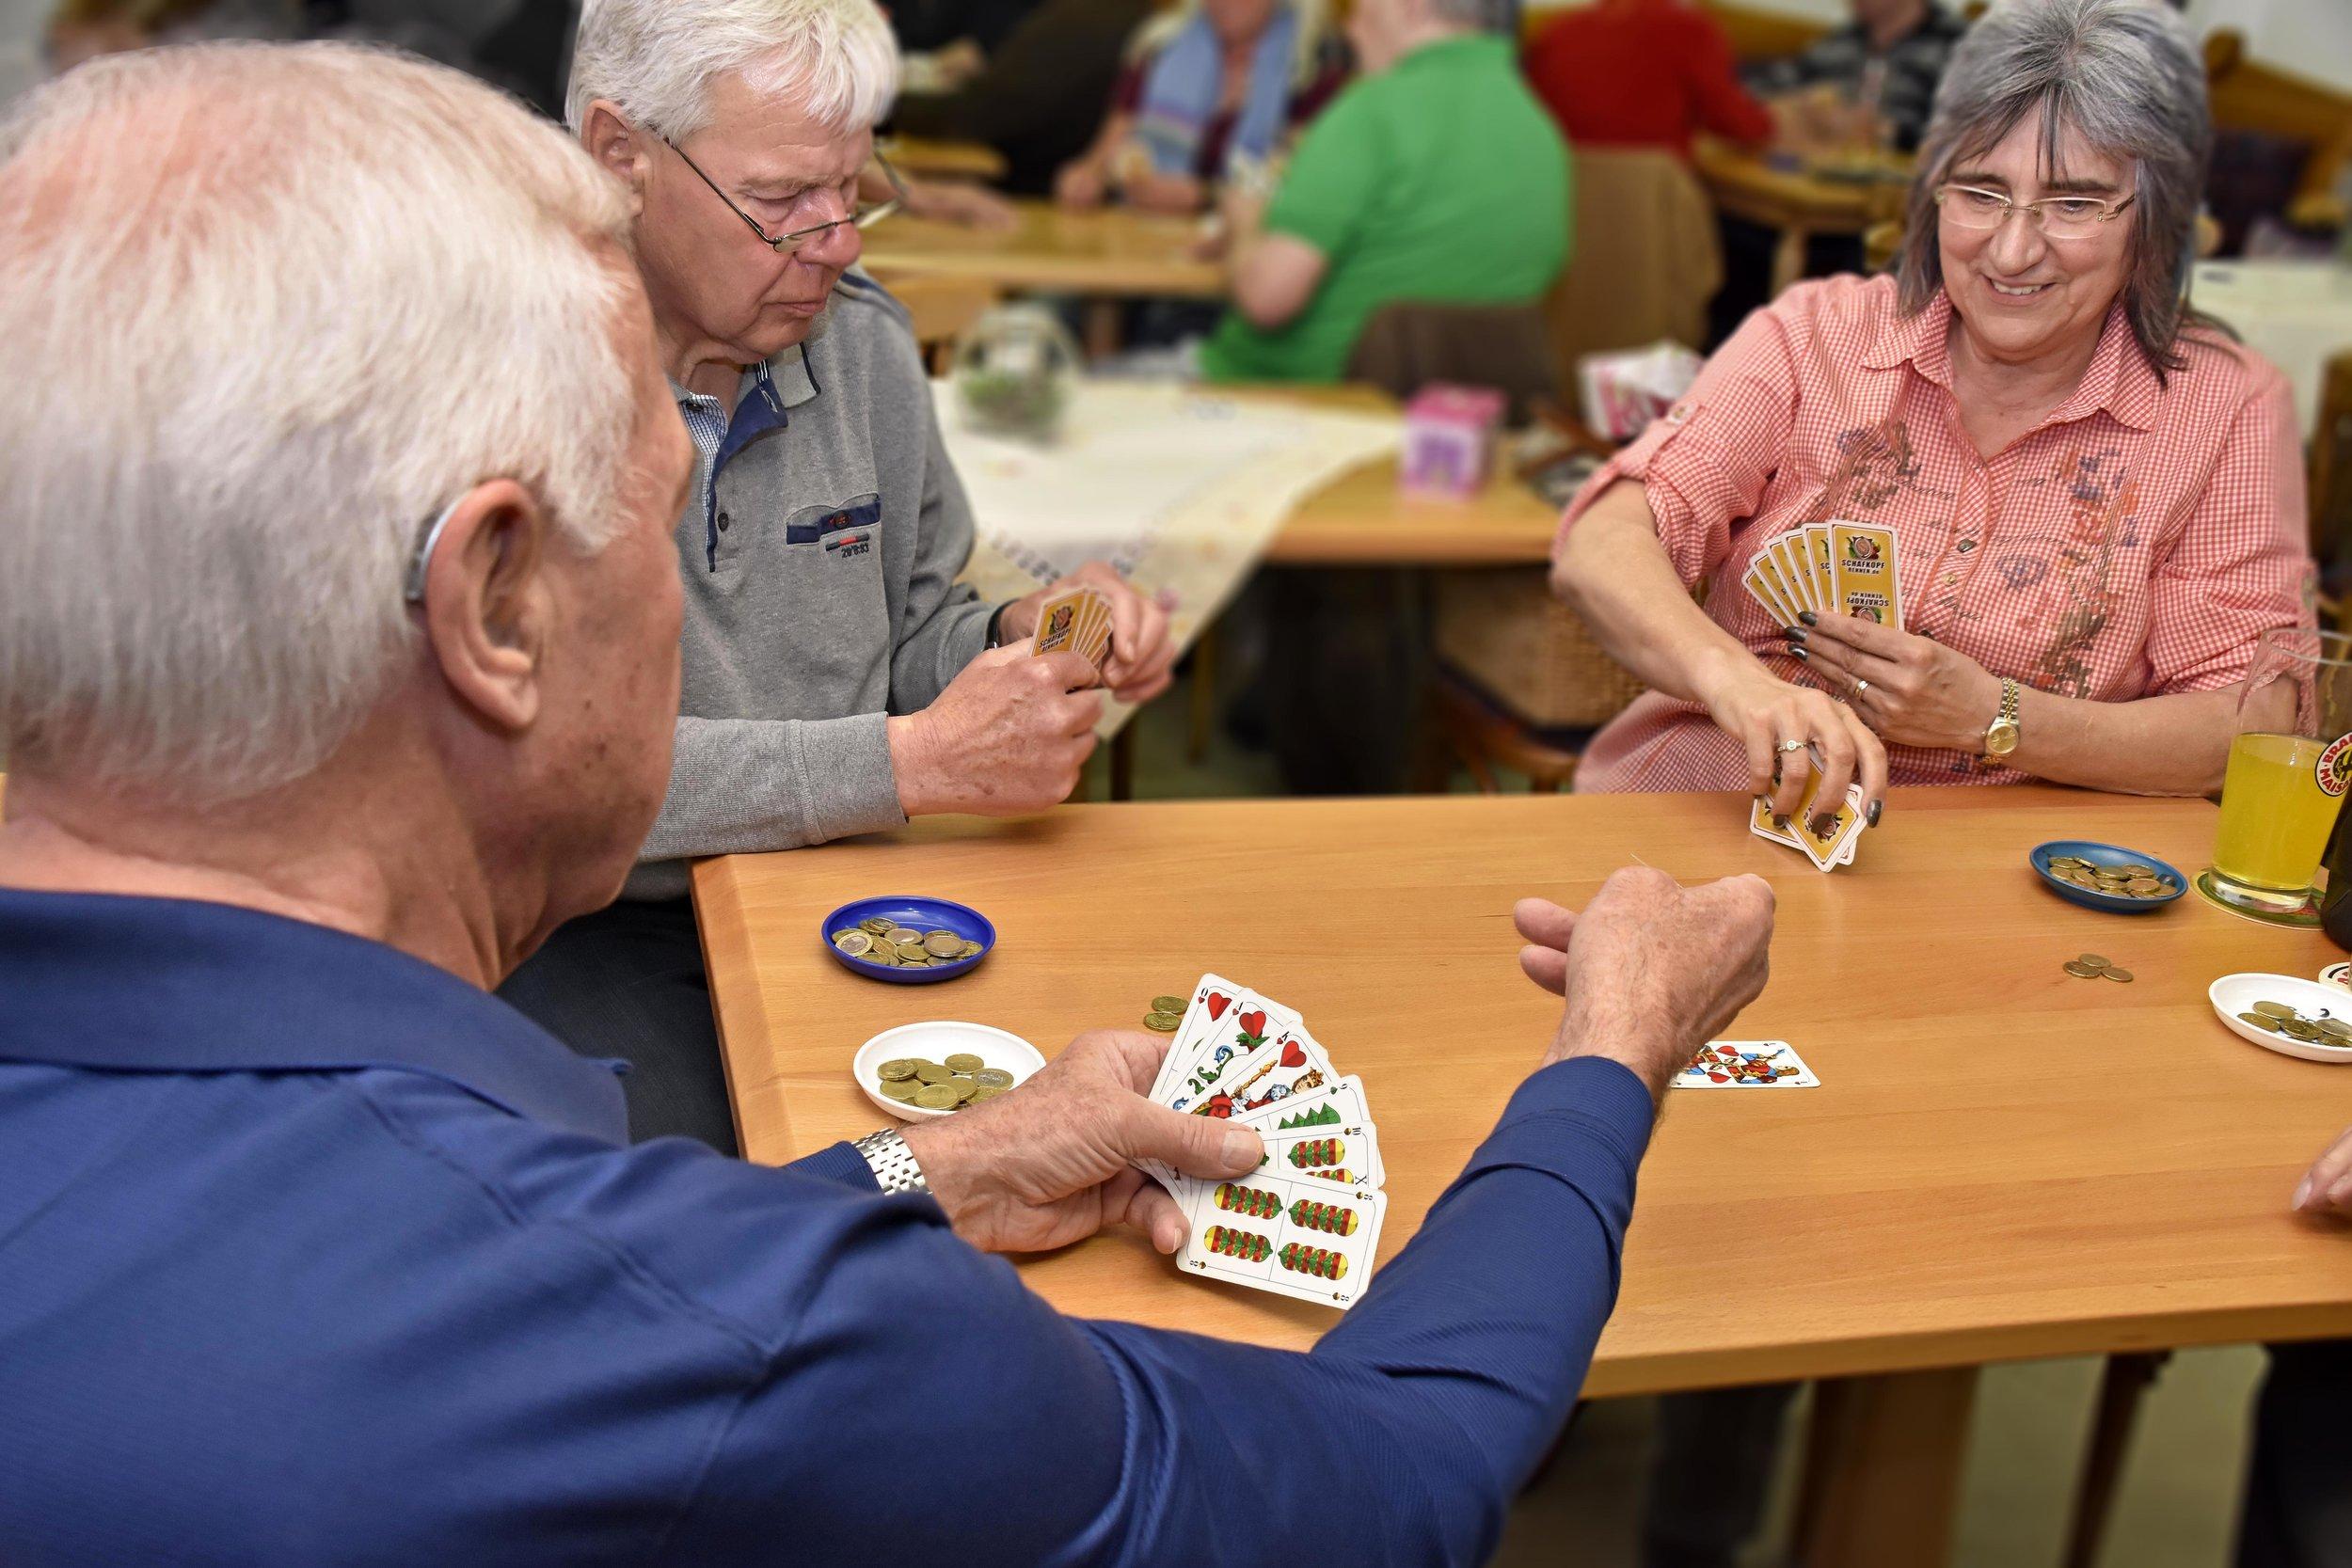 """Auch, wenn' s im Spiel mal lauter wird: Streit gibt es nicht. """"Wir diskutieren"""", sagt Angelka Weißsteiner-Dillmeier. So was wie ein Pokerface gibt es beim Schafkopf übrigens nicht."""